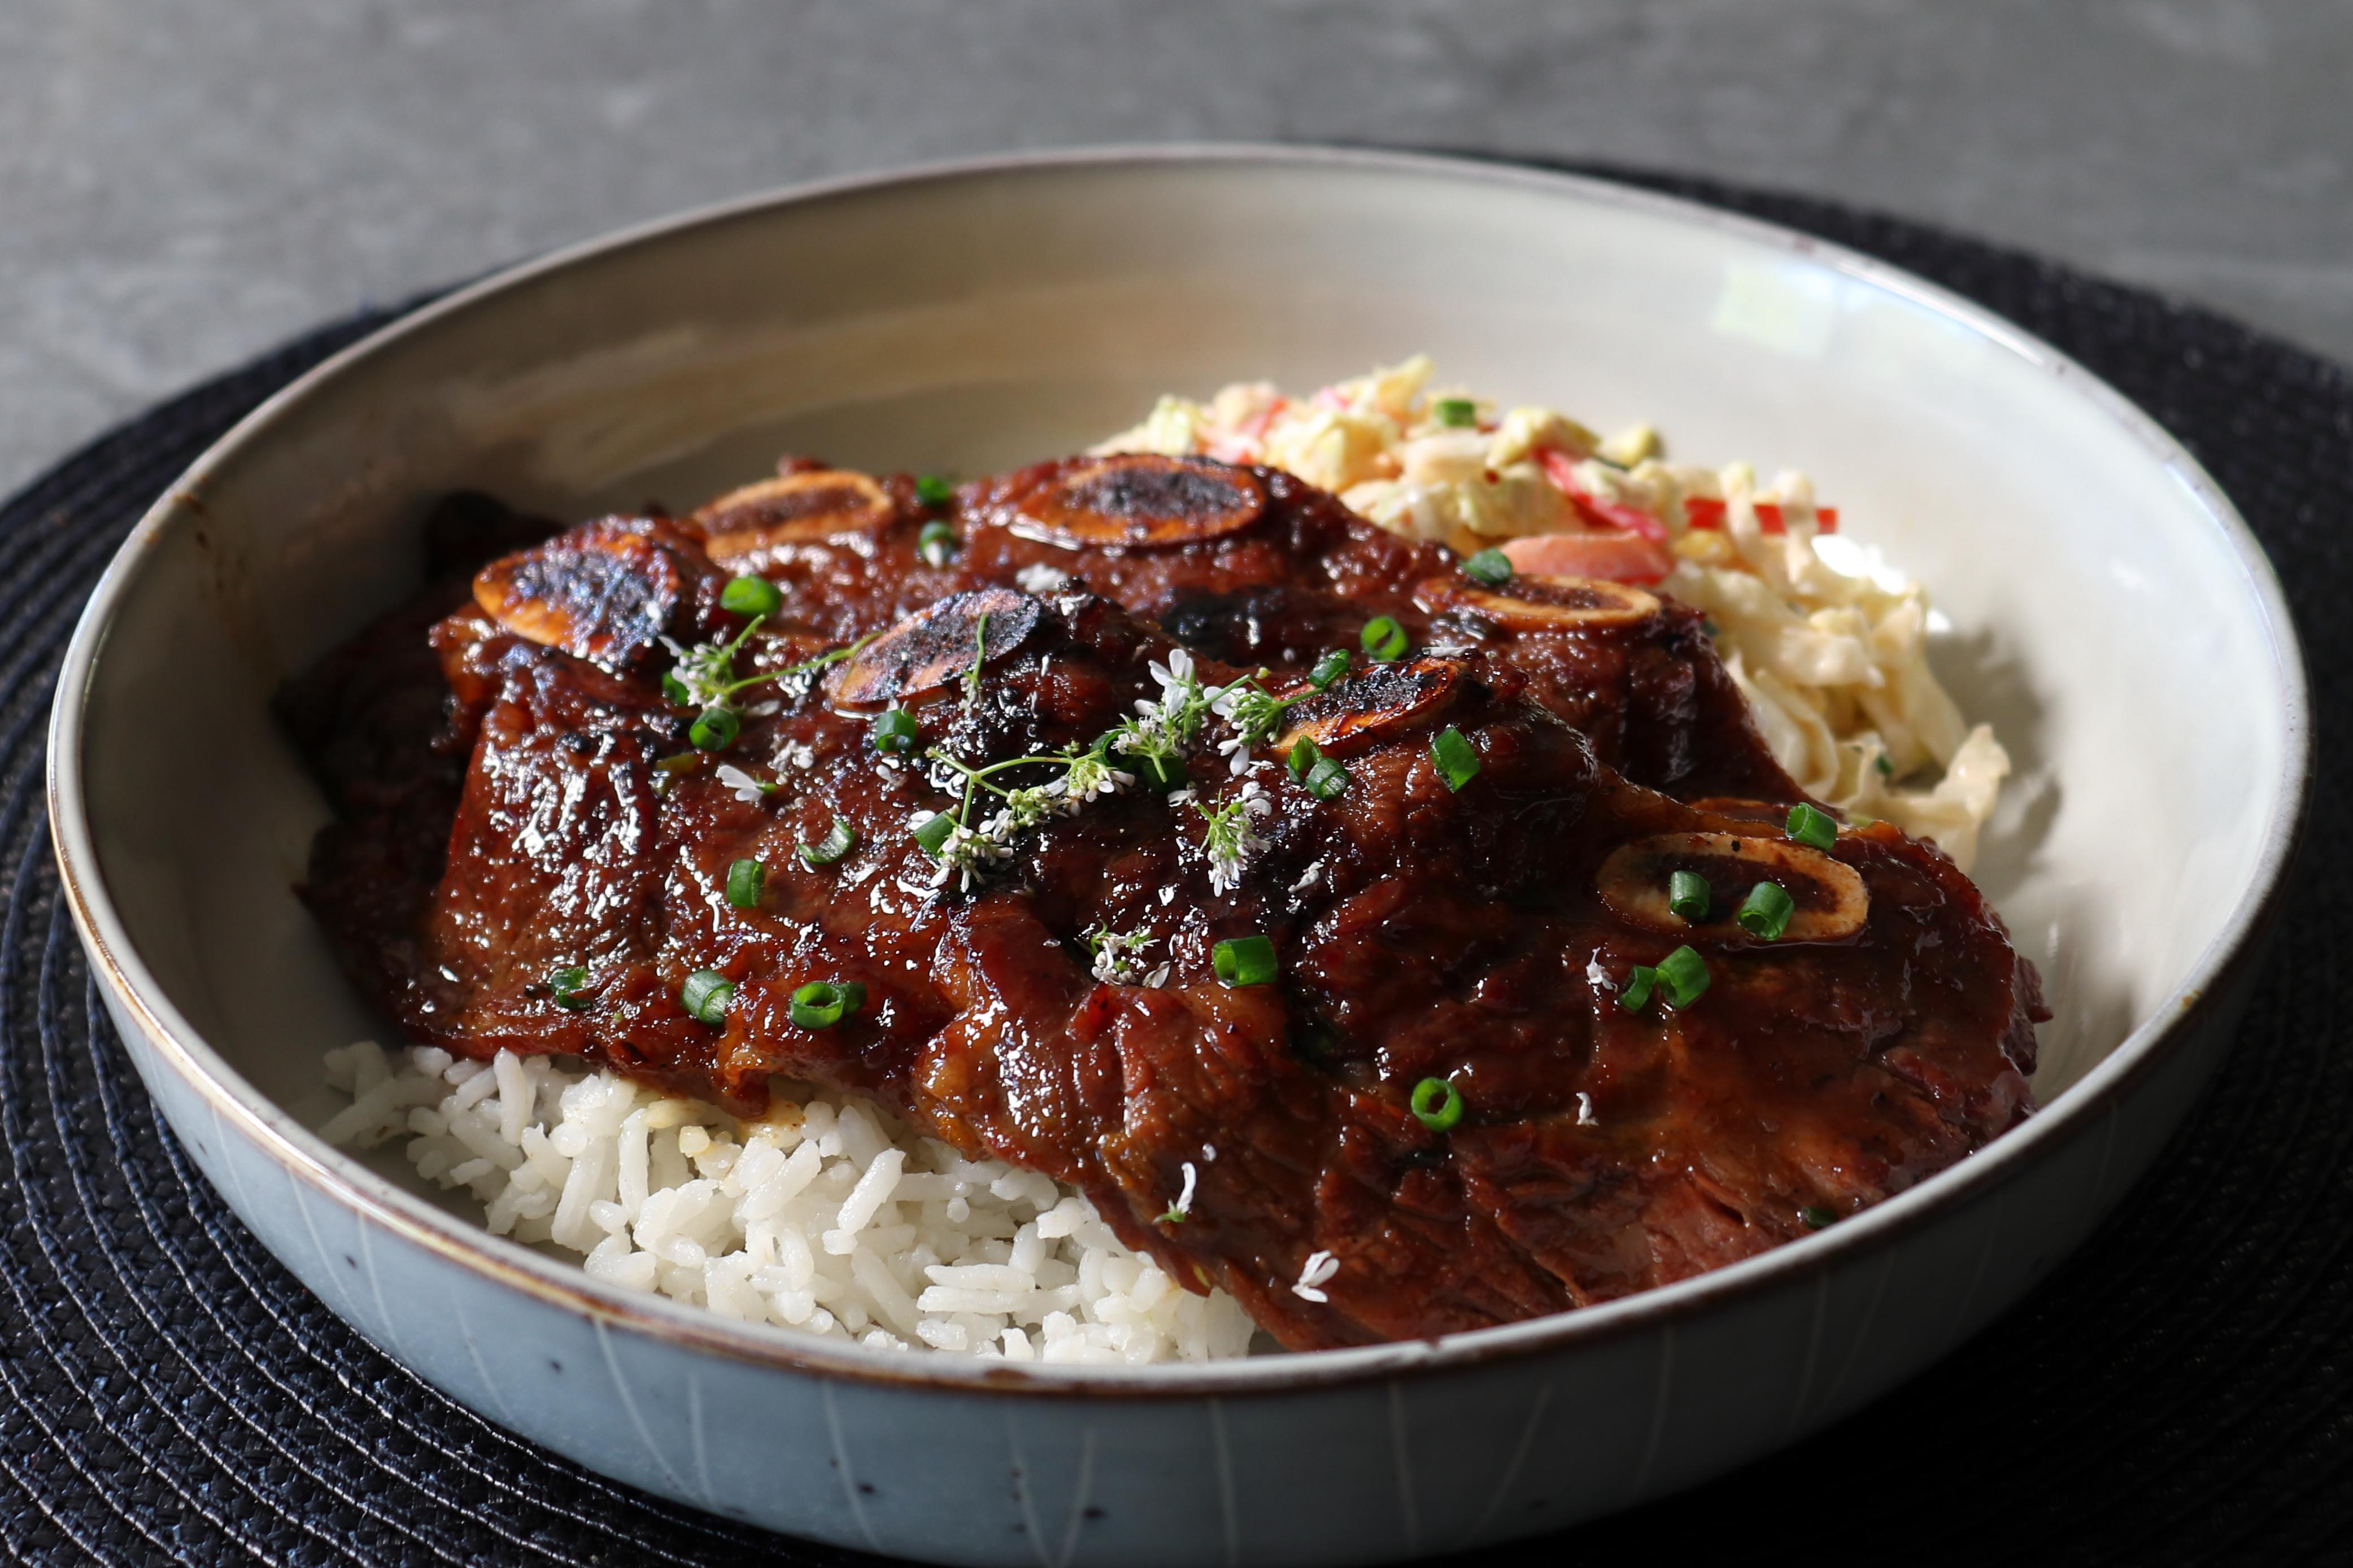 Korean Barbecue Short Ribs Teriyaki